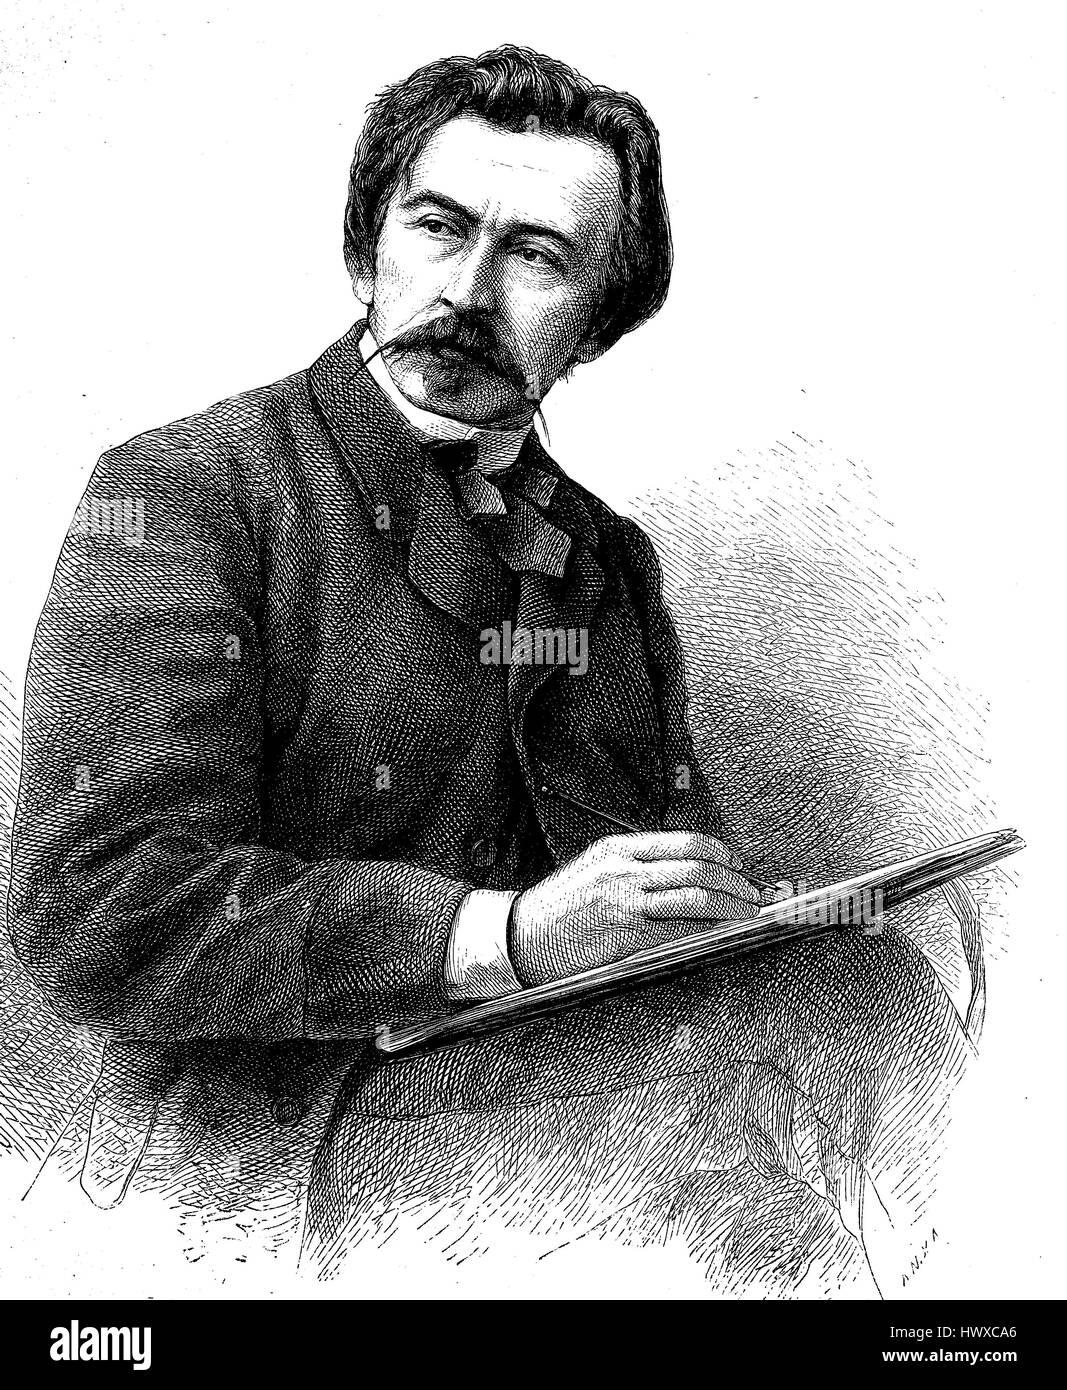 Herbert Koenig also Heribert Koenig, 1820 in Dresden - 13 June 1876 in Niederloessnitz, was a German artist, illustrator - Stock Image